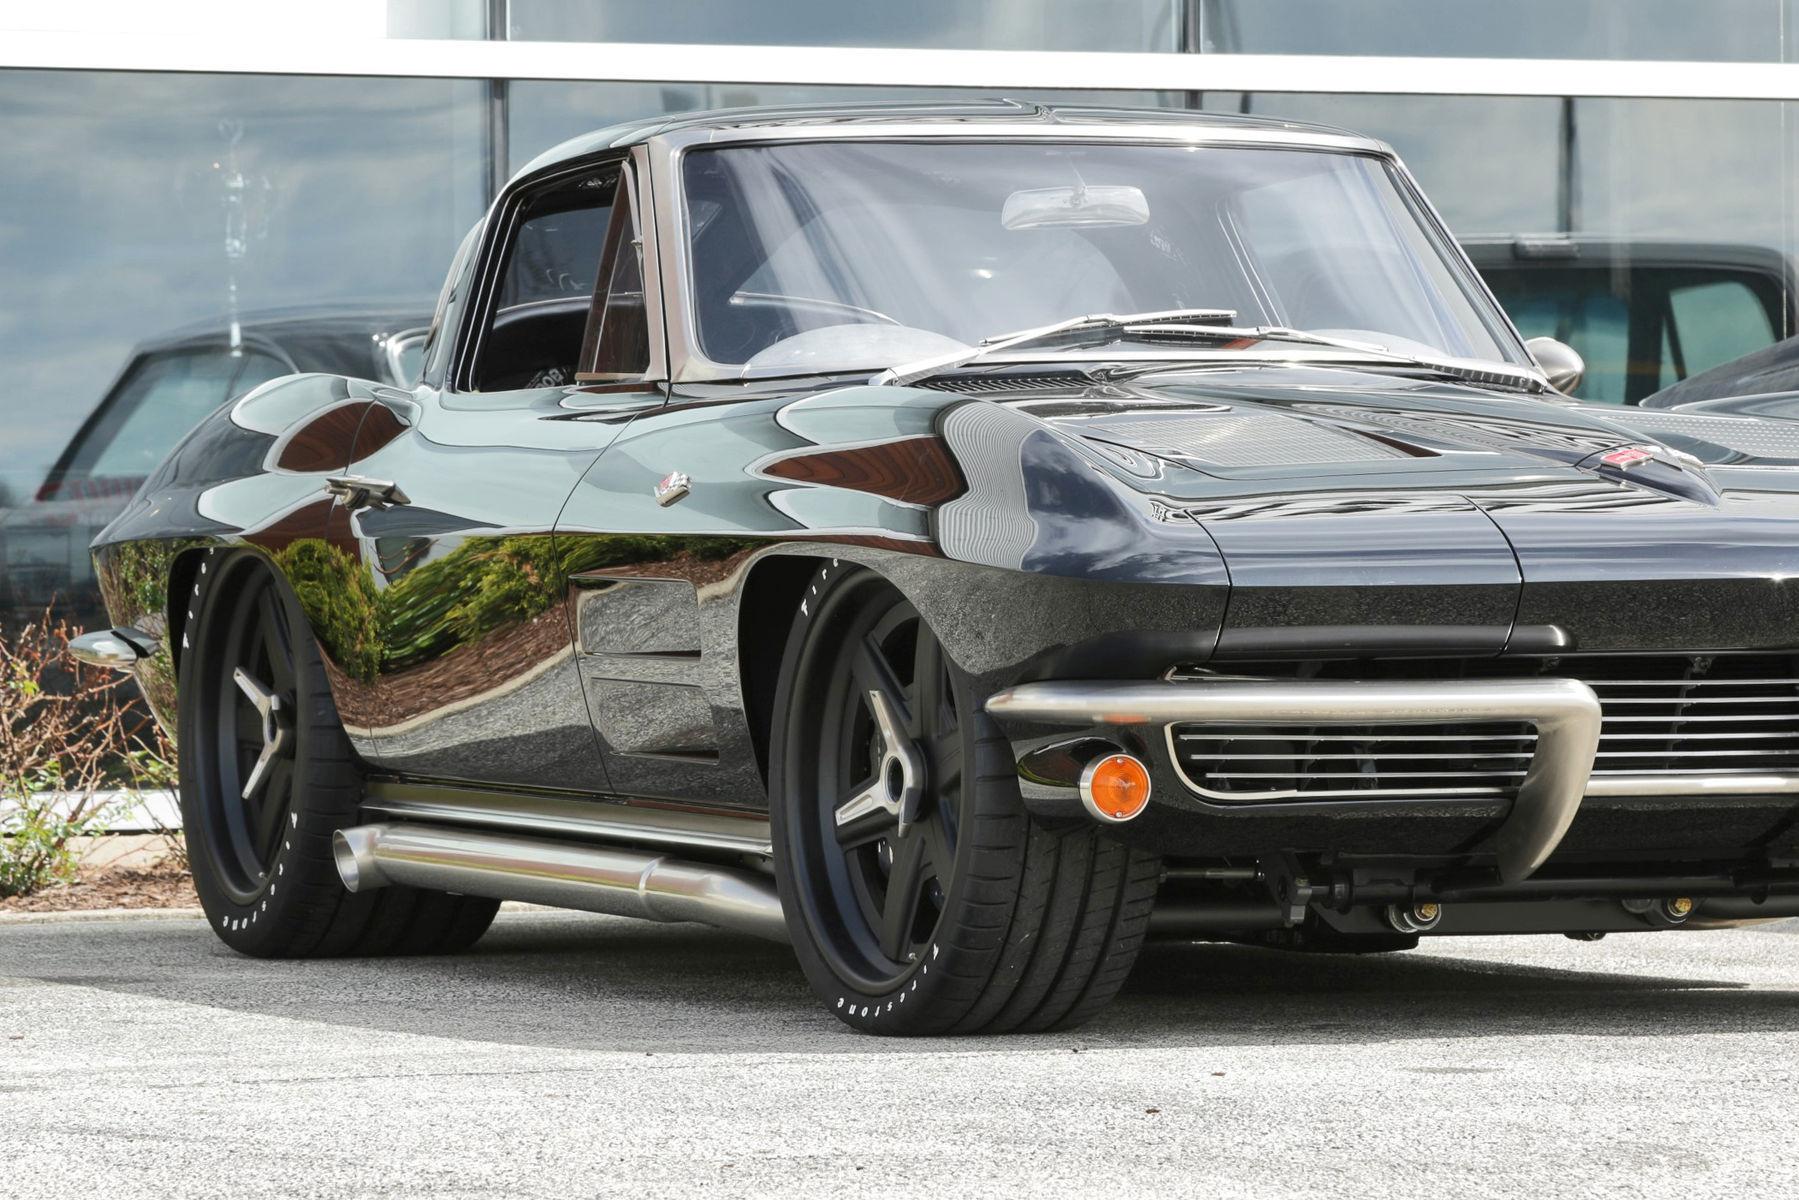 1963 Chevrolet Corvette Stingray | Mark's Roadster Shop '63 Corvette on Center Locking Forgeline RS6 Wheels